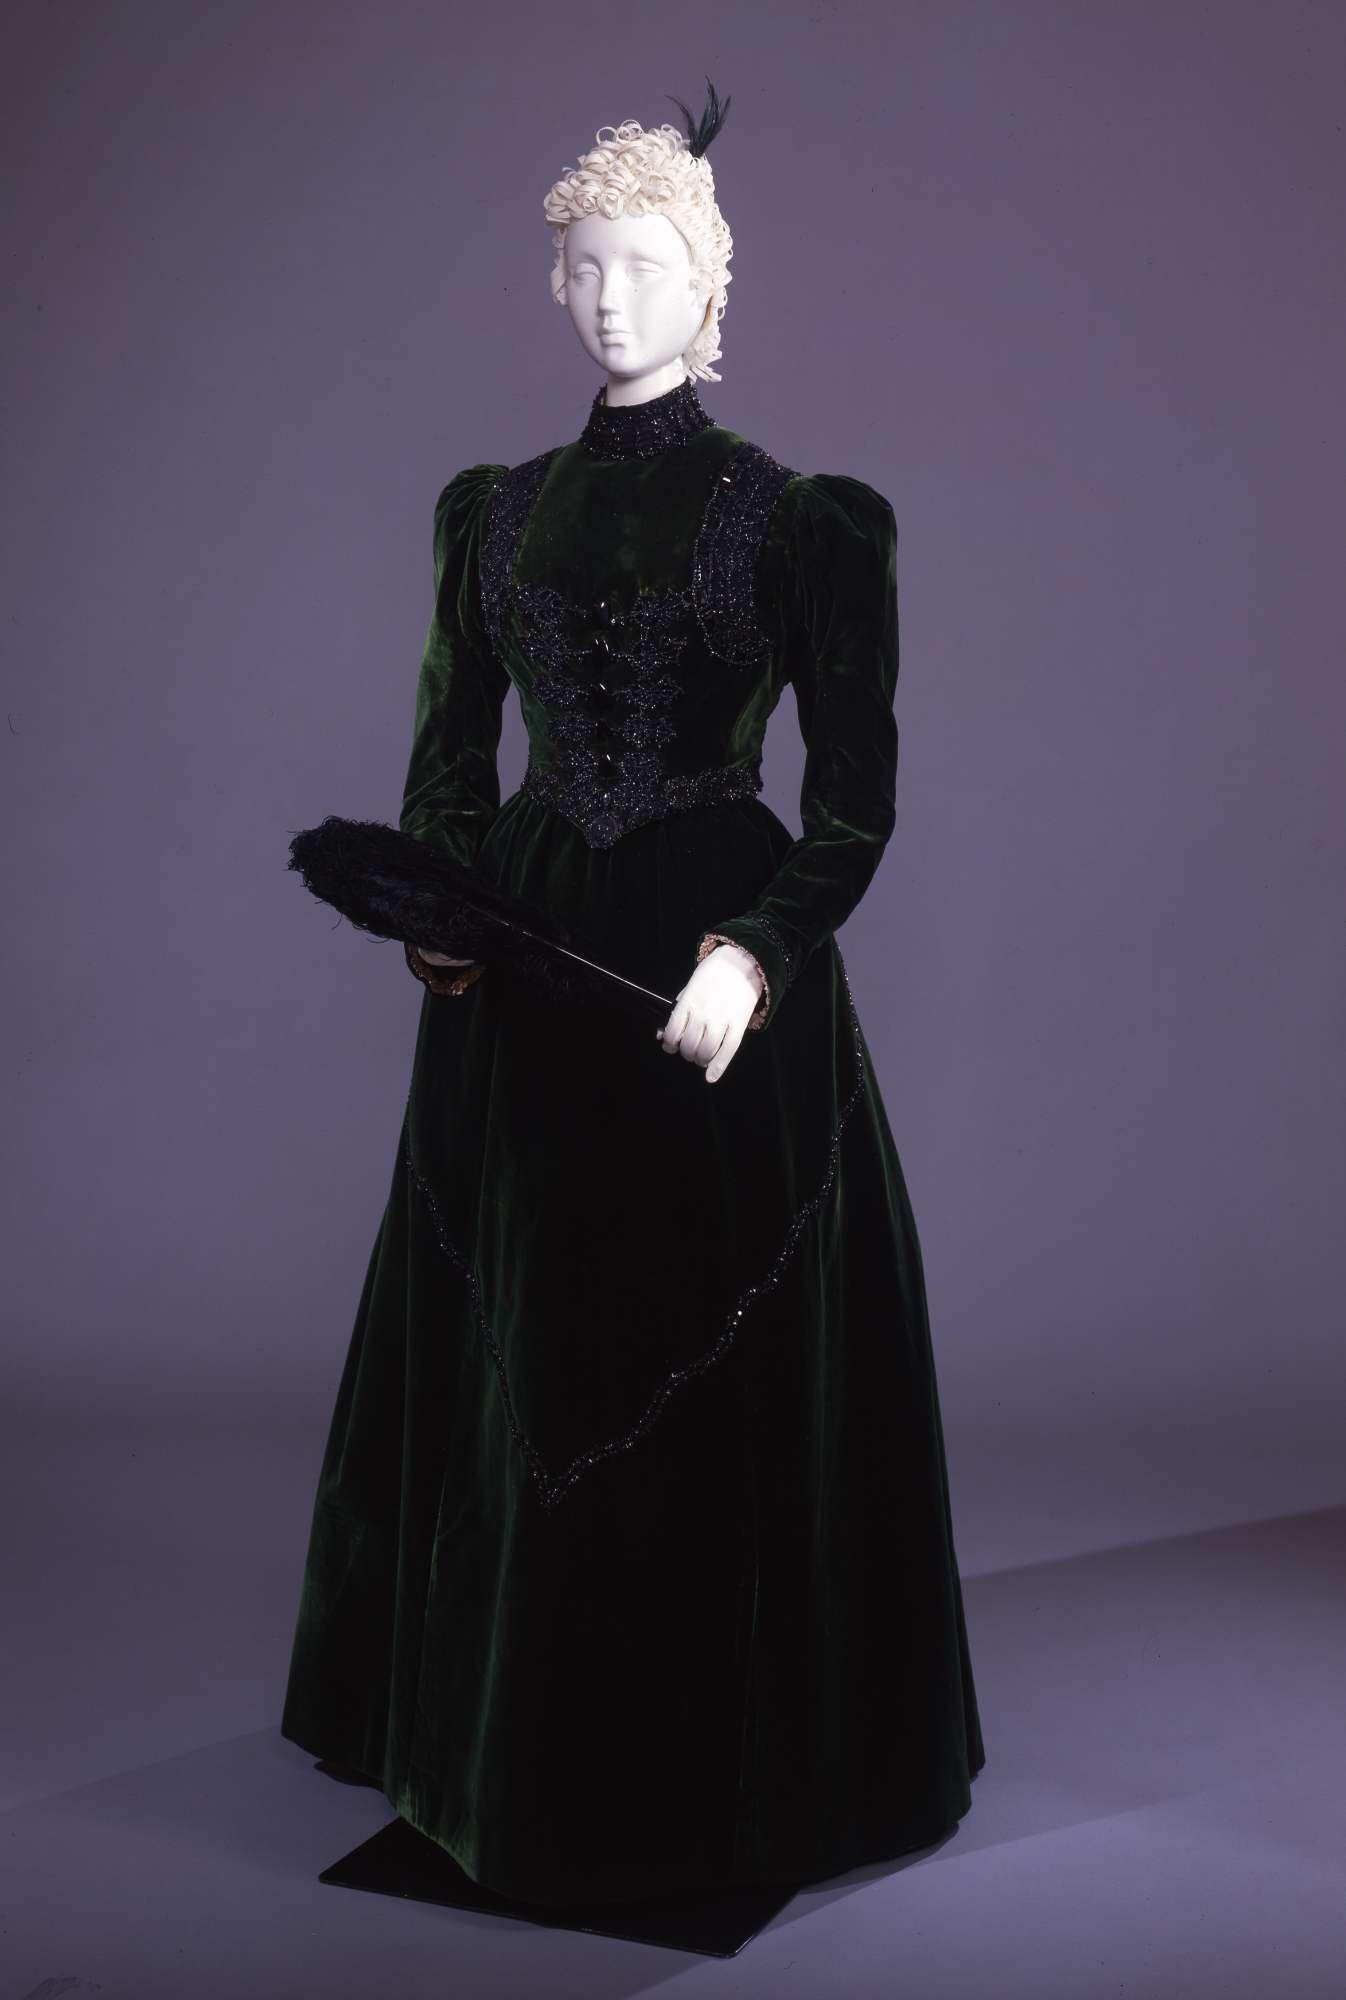 1890 - Visiting dress - Velvet, satin